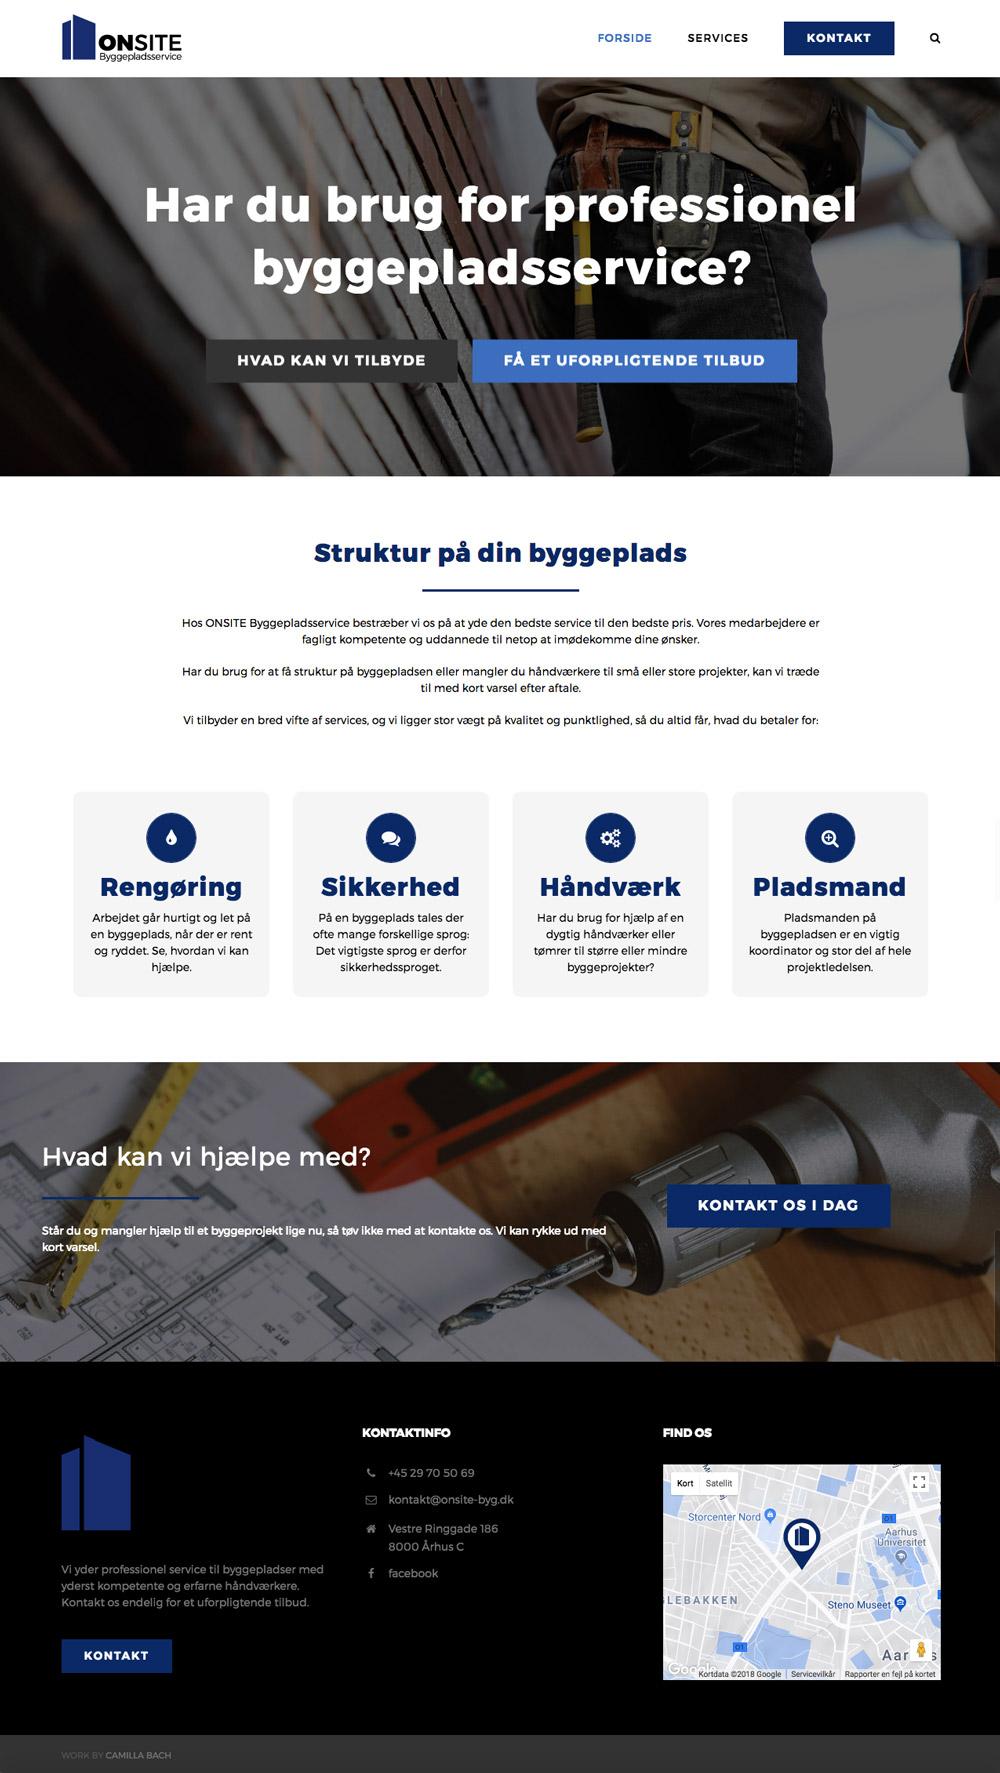 ONSITE Byggepladsservice, hjemmesidens forside, byggepladsservices: Rengøring, sikkerhed, håndværk og pladsmand.